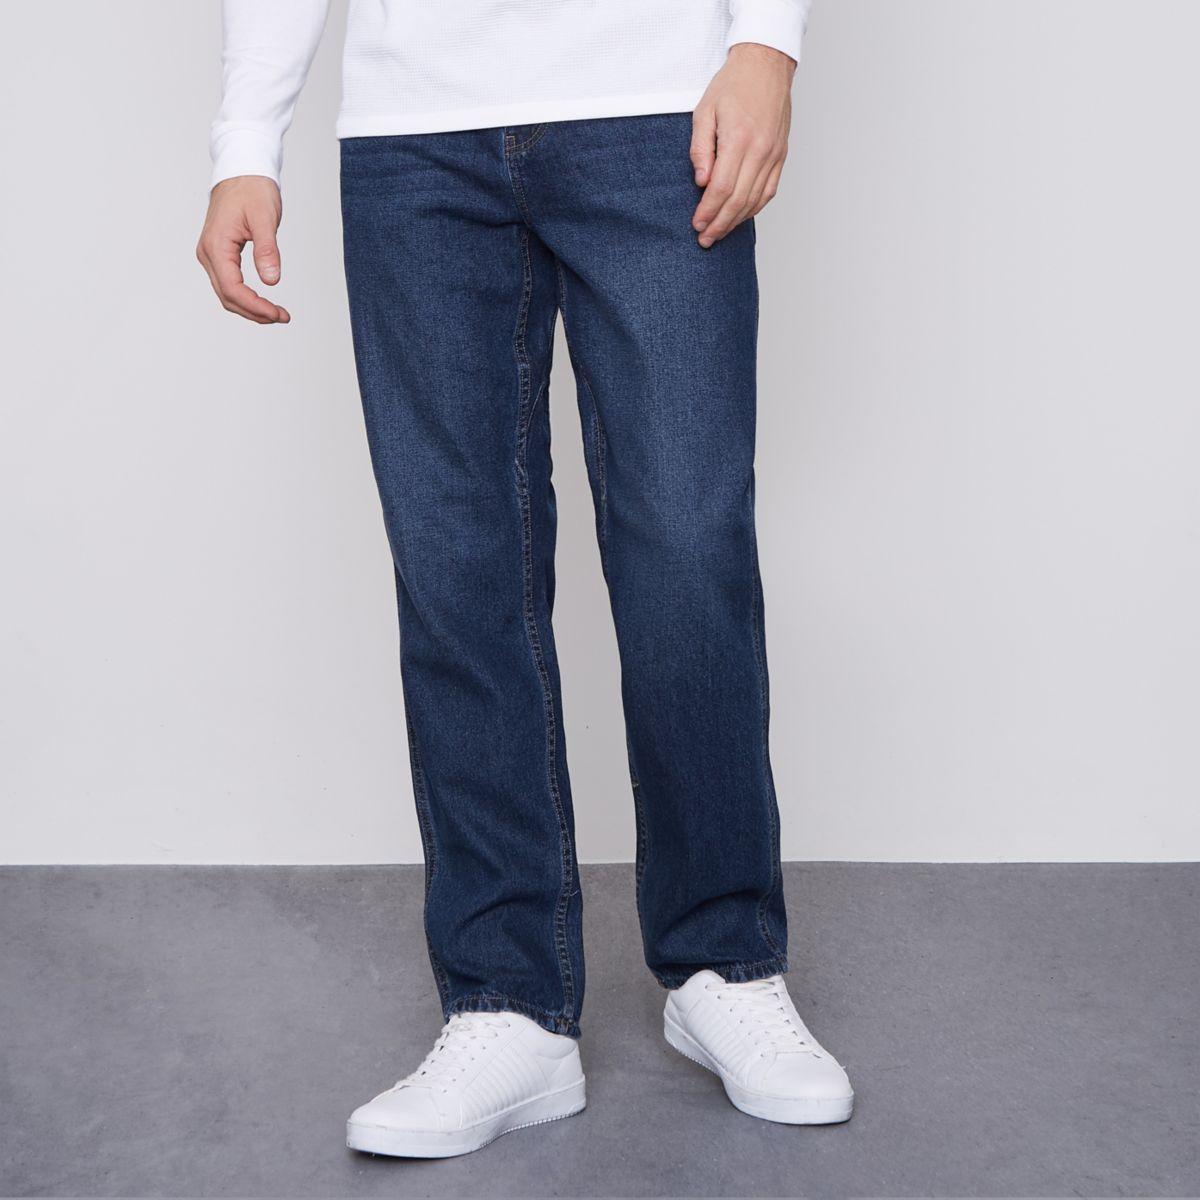 Monkee Genes - Blauwe ruimvallende worker jeans